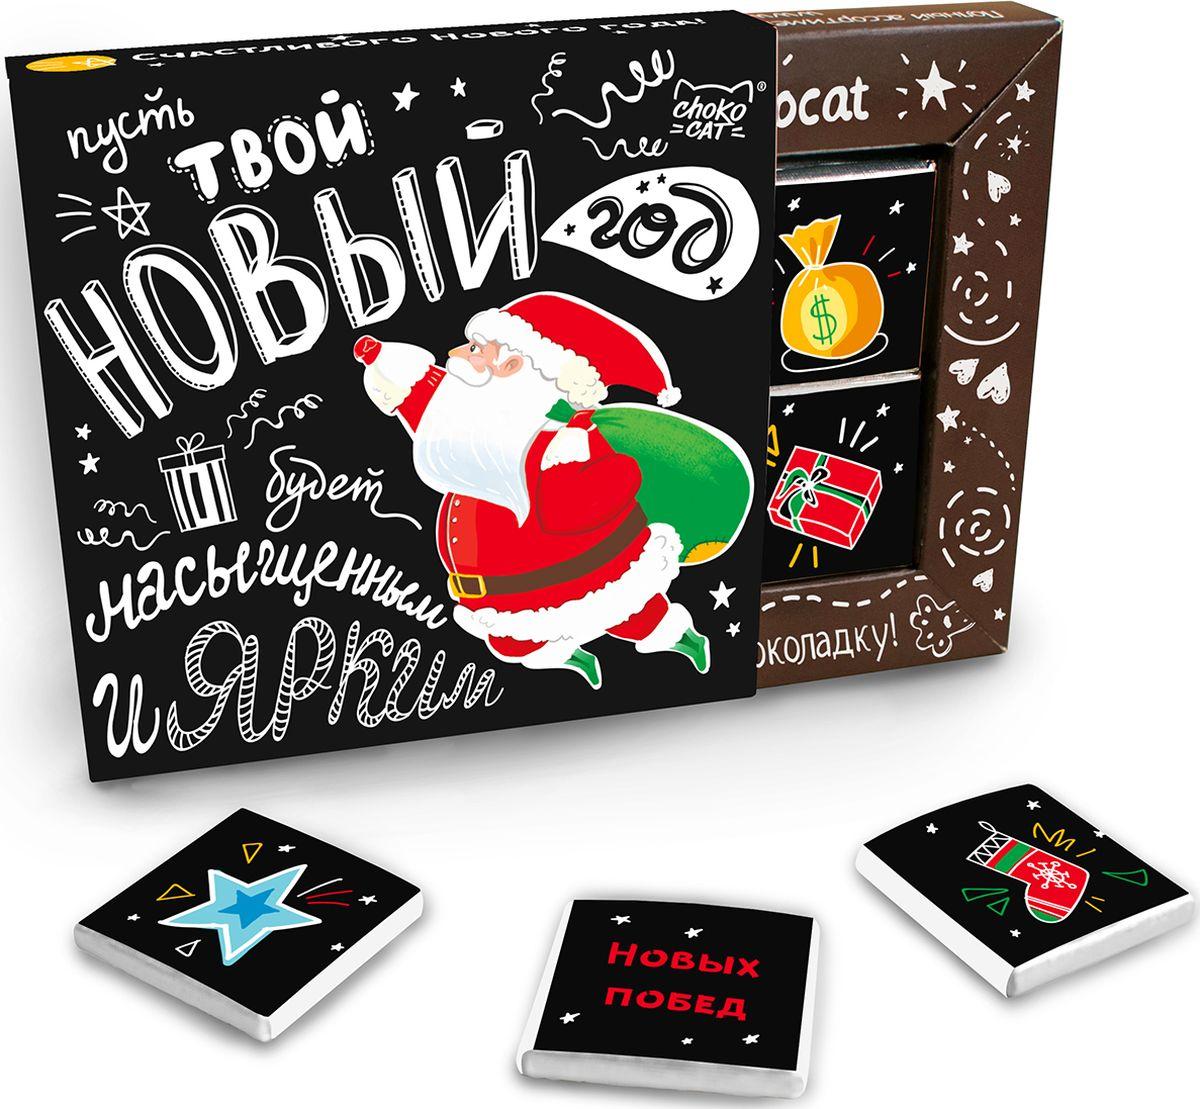 Chokocat Супер Дед Мороз молочный шоколад, 60 г chokocat для позитива молочный шоколад 60 г